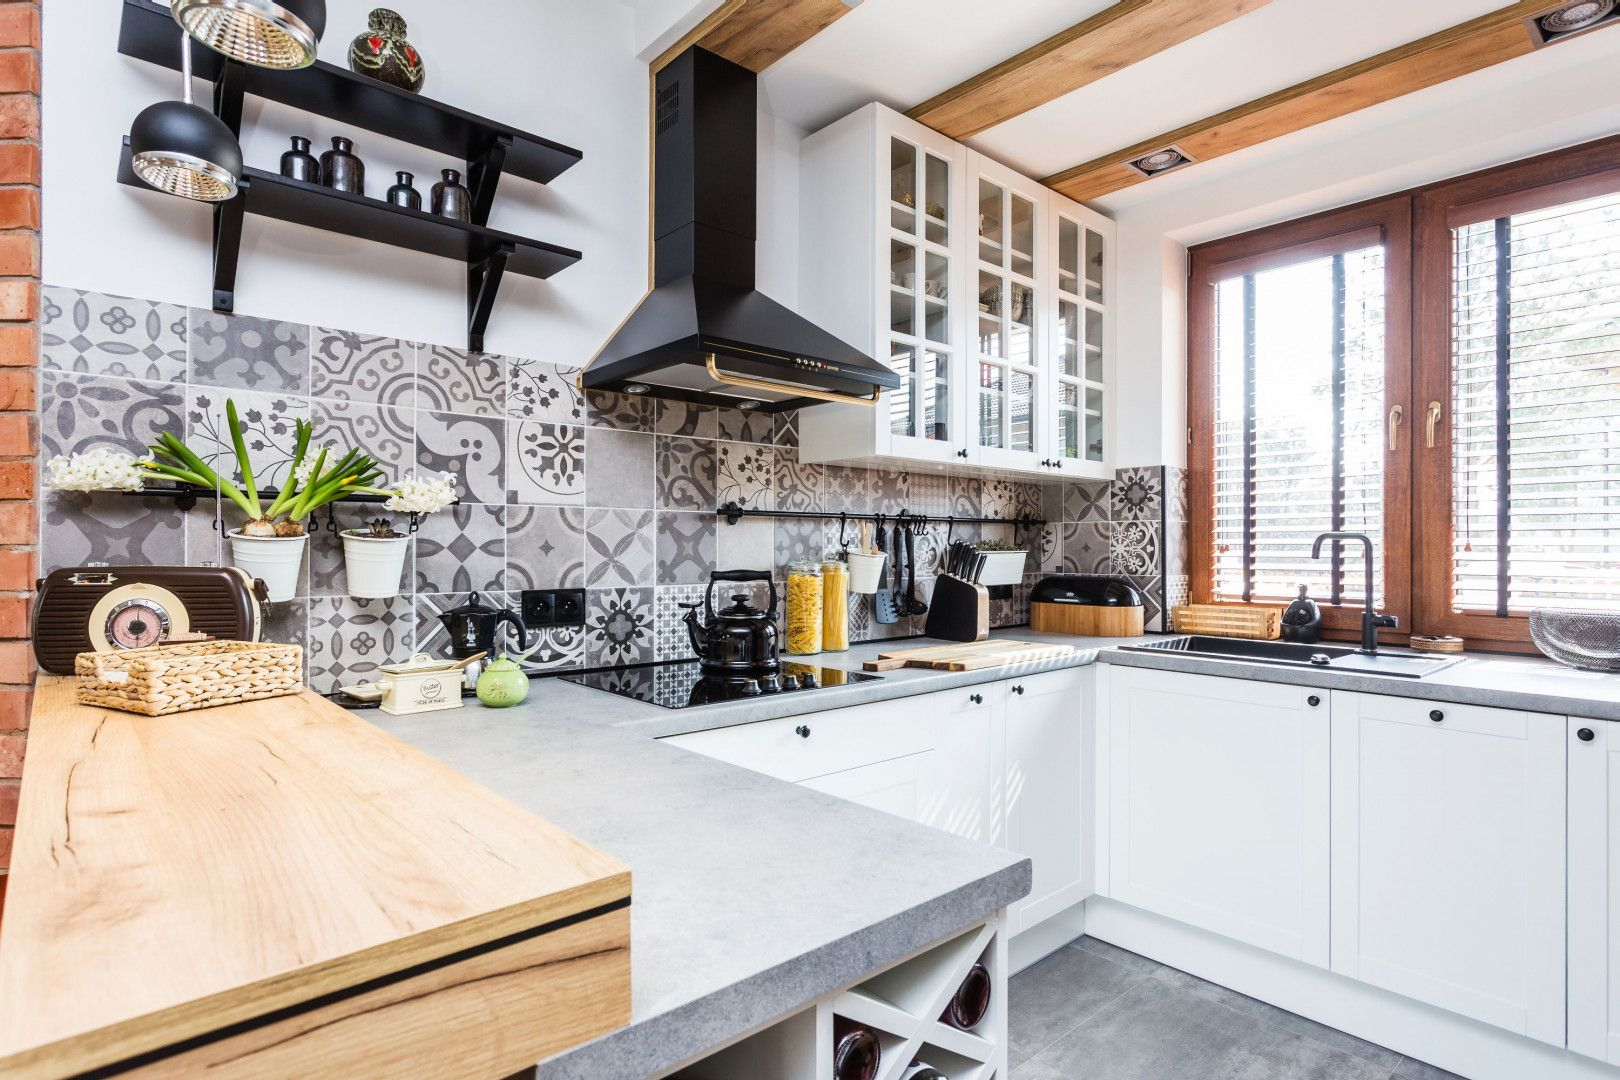 Piękna biała kuchnia w klasycznym stylu. Nad blatem płytki patchworkowe. Projekt: Agnieszka Hincz. Fot. Michał Młynarczyk